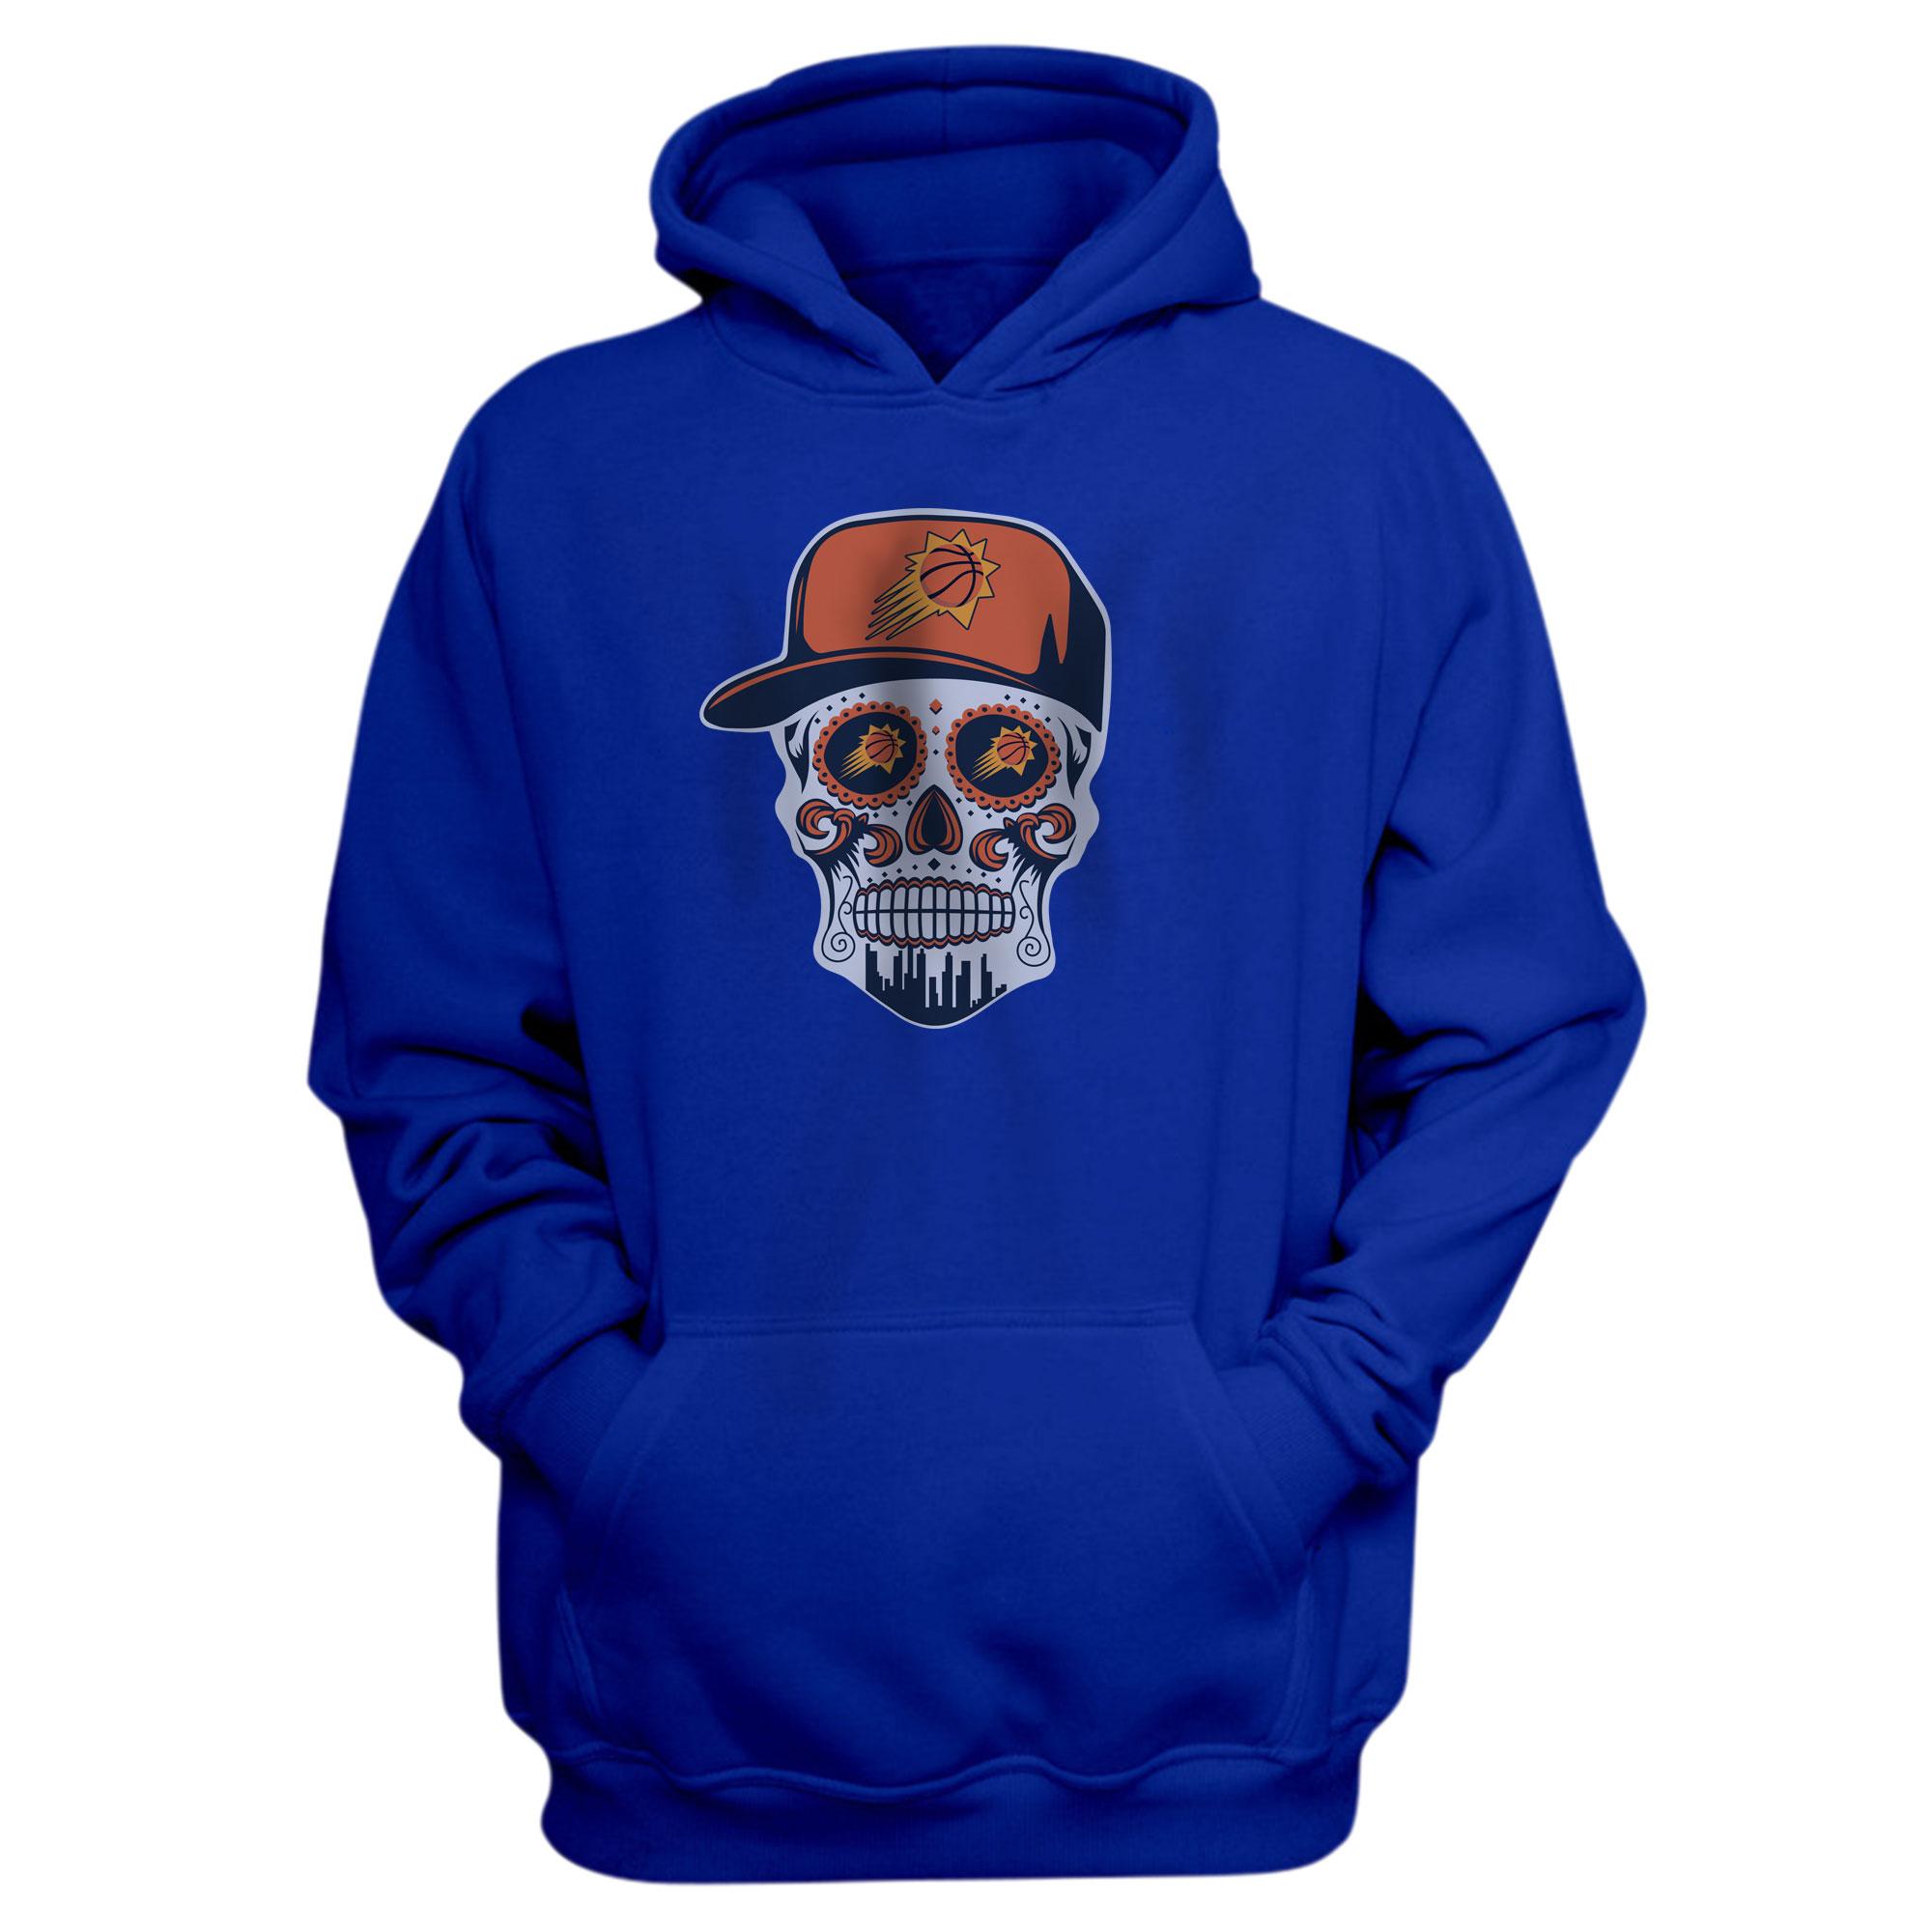 Phoenix Skull Hoodie (HD-BLU-NP-461-NBA-PHO-SKULL)